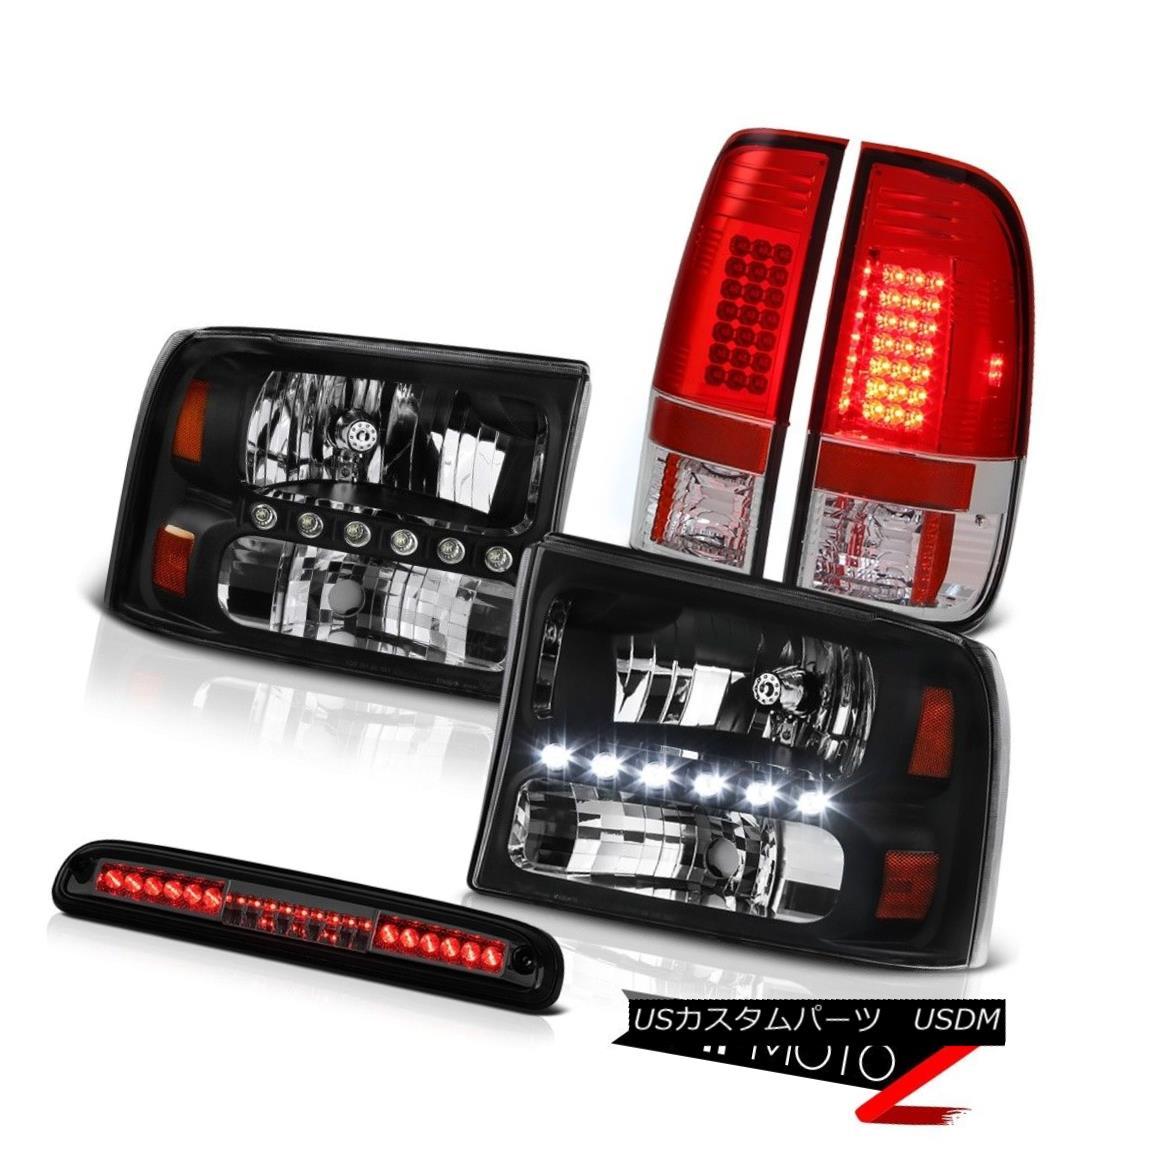 ヘッドライト 99-04 F250 XLT Black Headlights Red L.E.D Tint Tail Light High Third Brake Cargo 99-04 F250 XLTブラックヘッドライトレッドL.E.Dテントテールライトハイト第3ブレーキ貨物